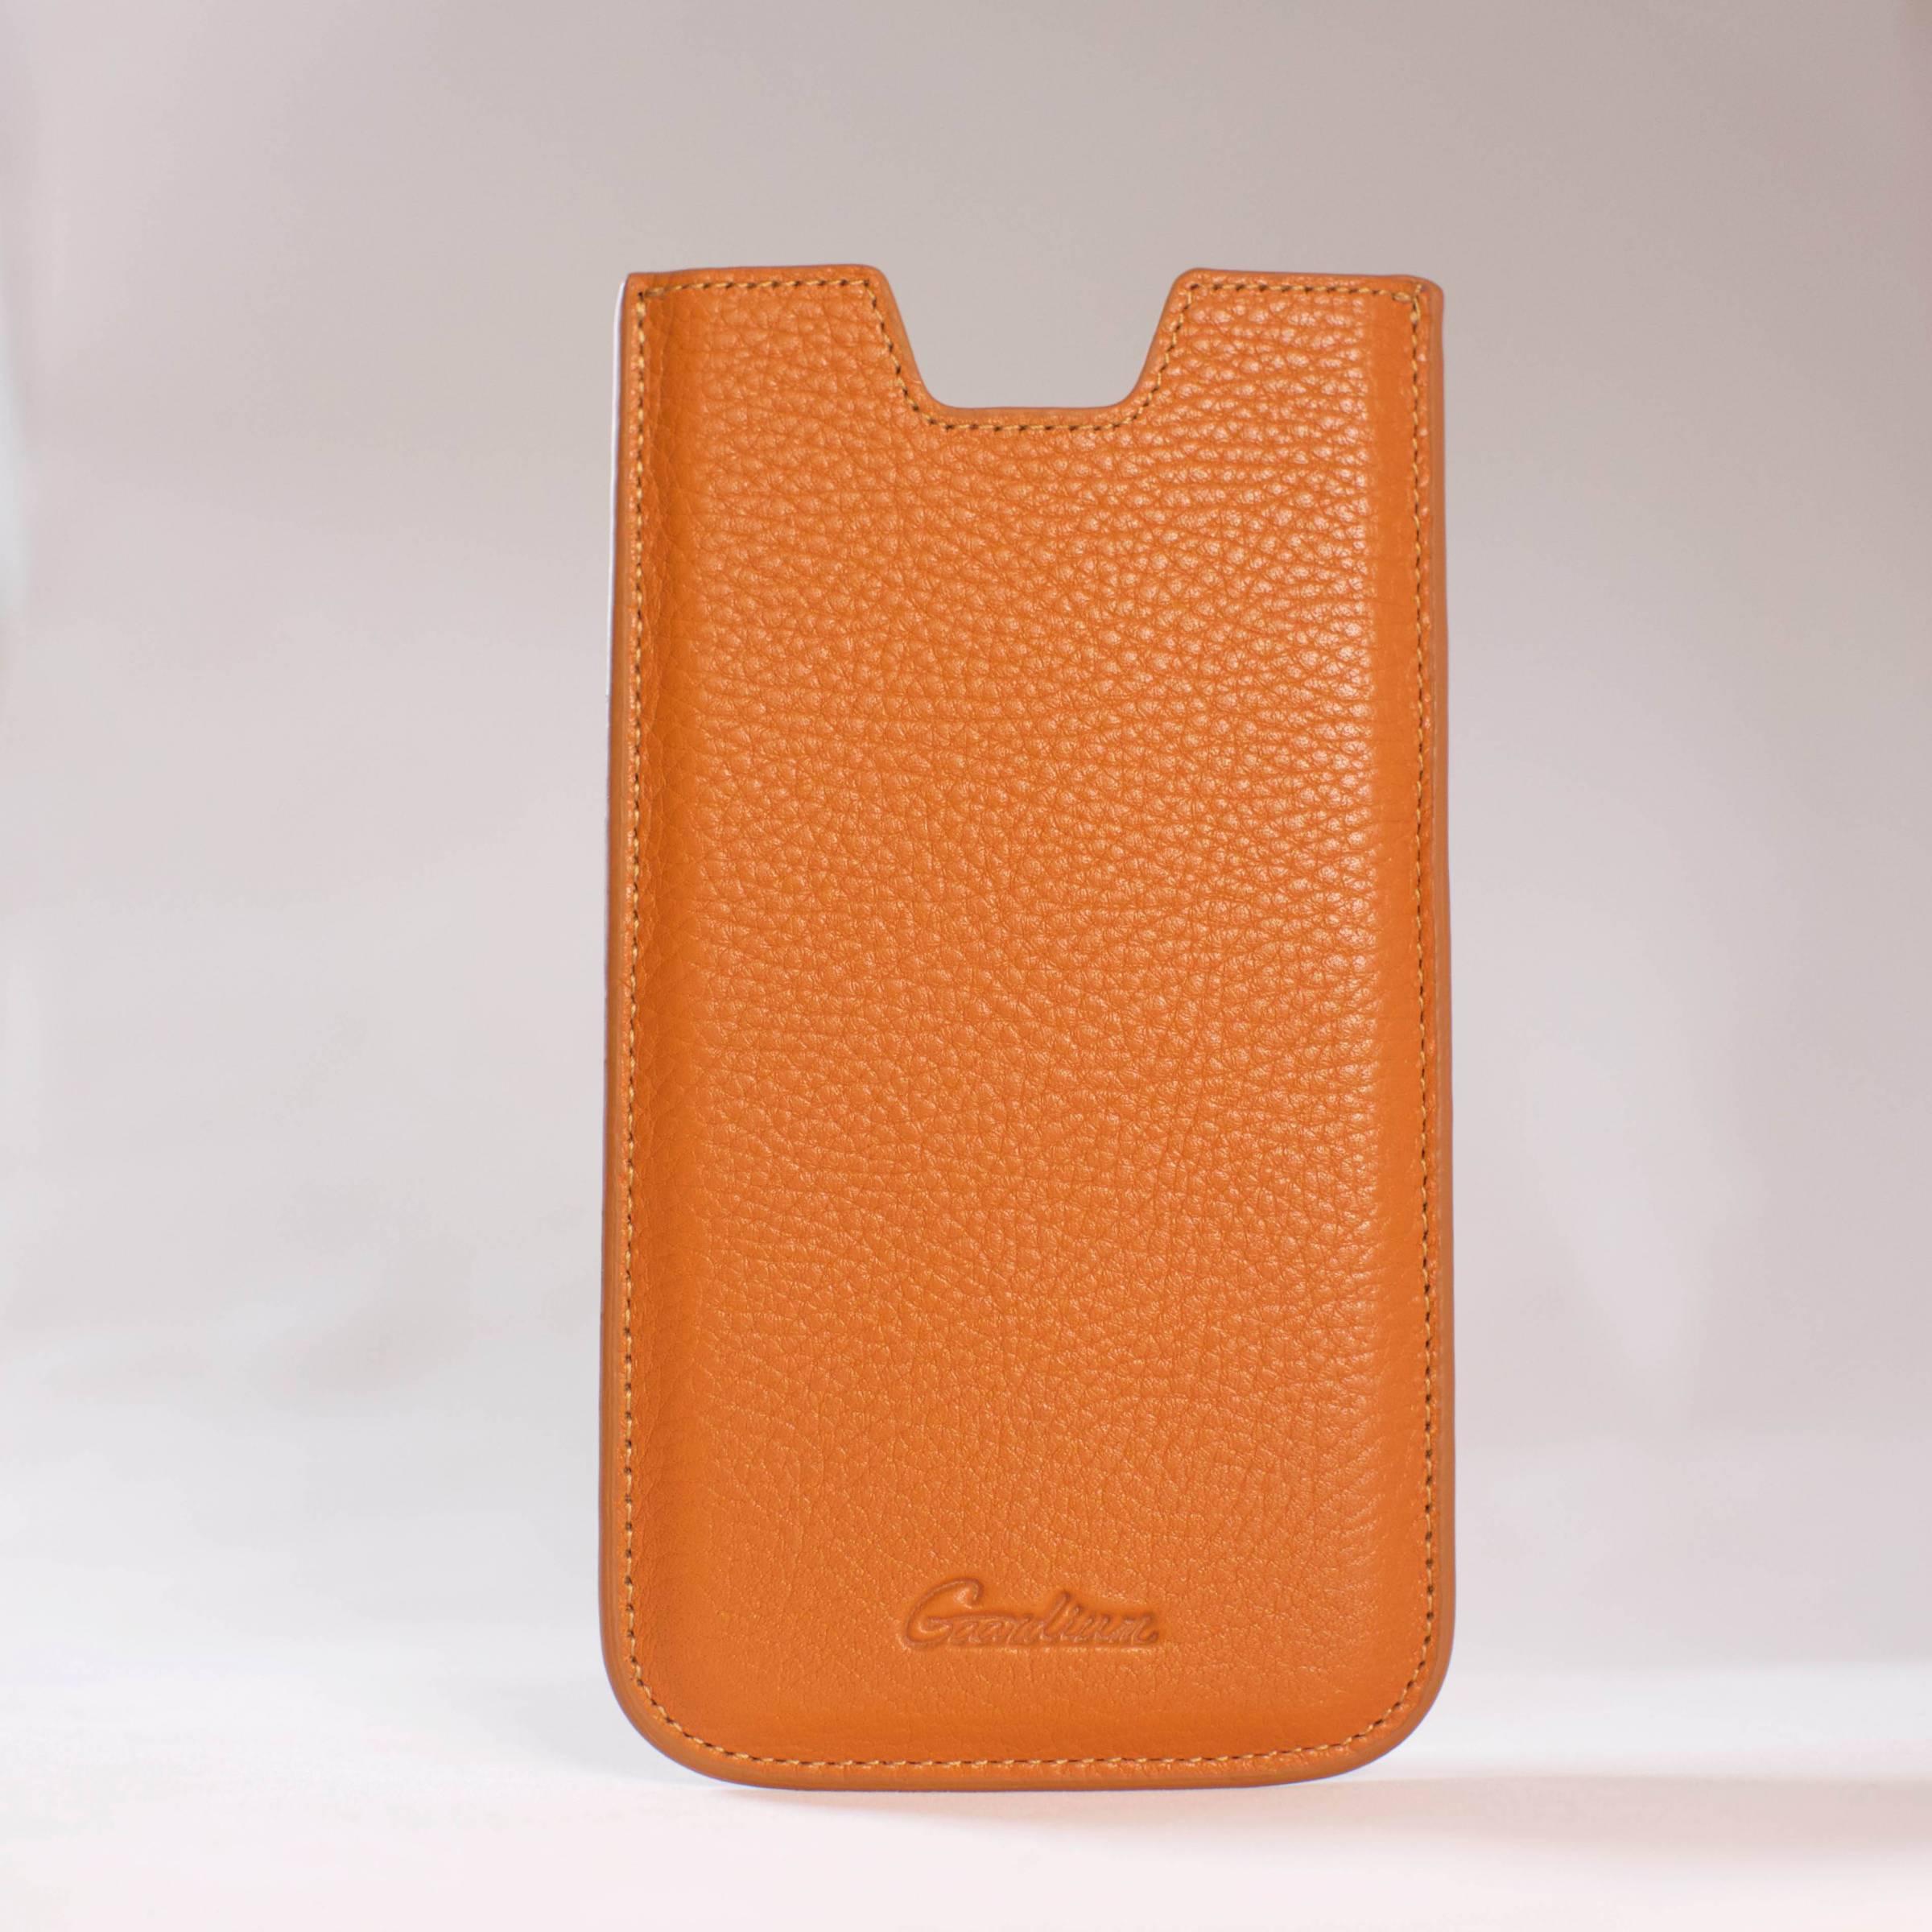 gaardium – Gaardium sleeve iphone 6/6s/7/8 plus farve brun fra mackabler.dk